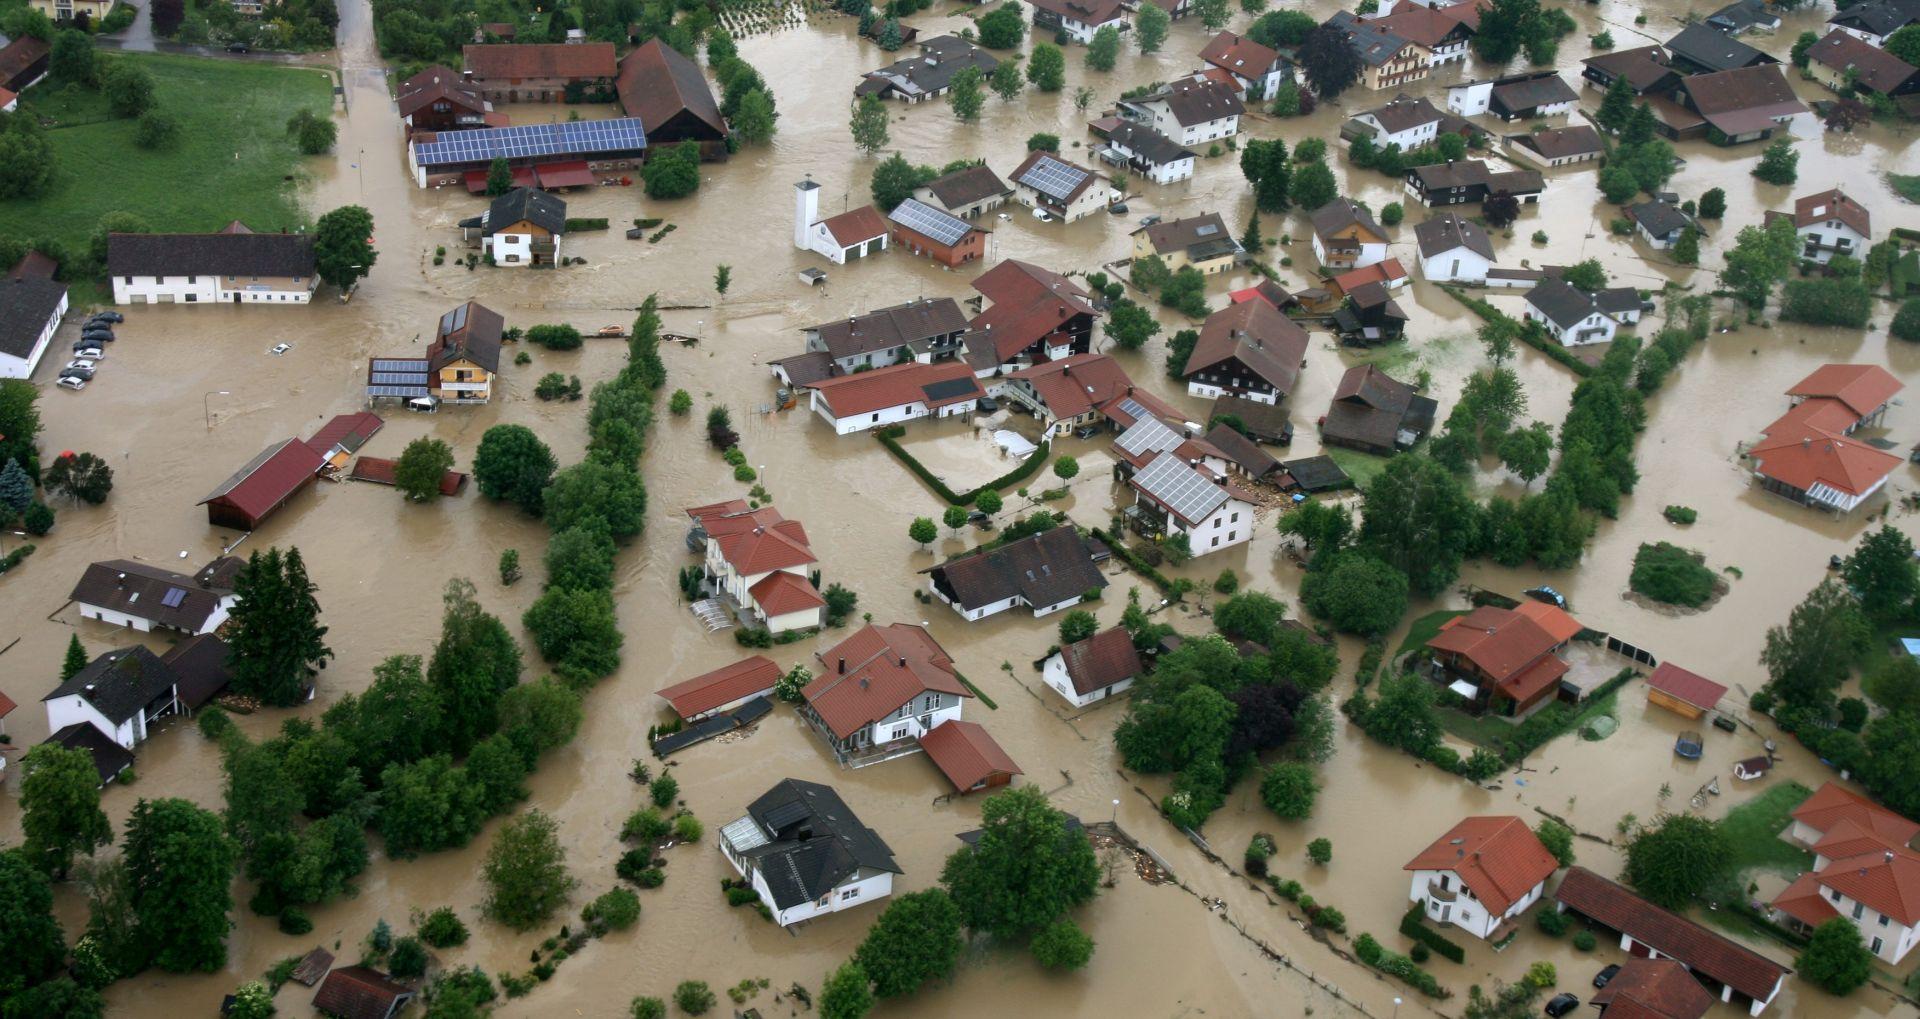 BROJ STRADALIH POPEO SE NA 15 Poplave diljem Europe, Seine bi mogla doseći 6.5 metara